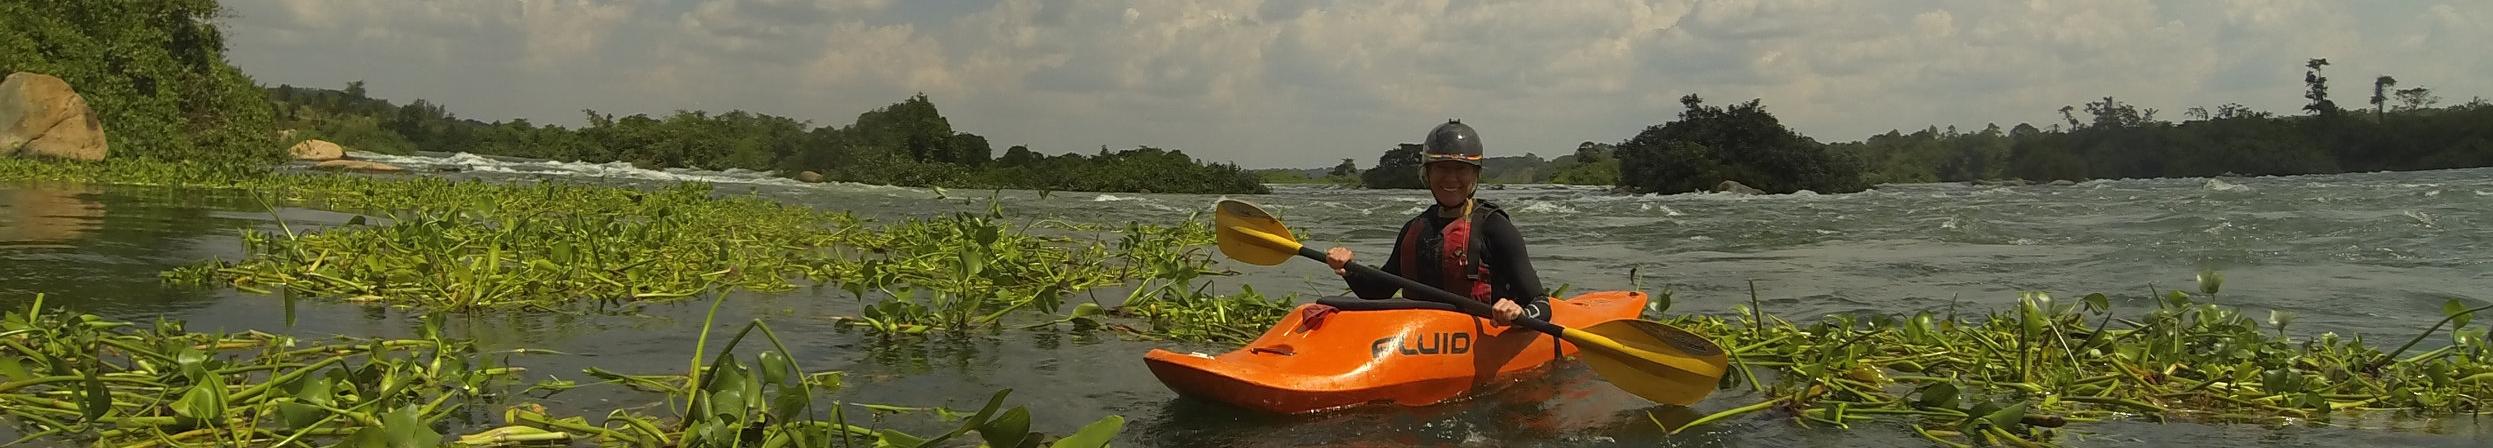 White water kayaking on the Nile in Uganda